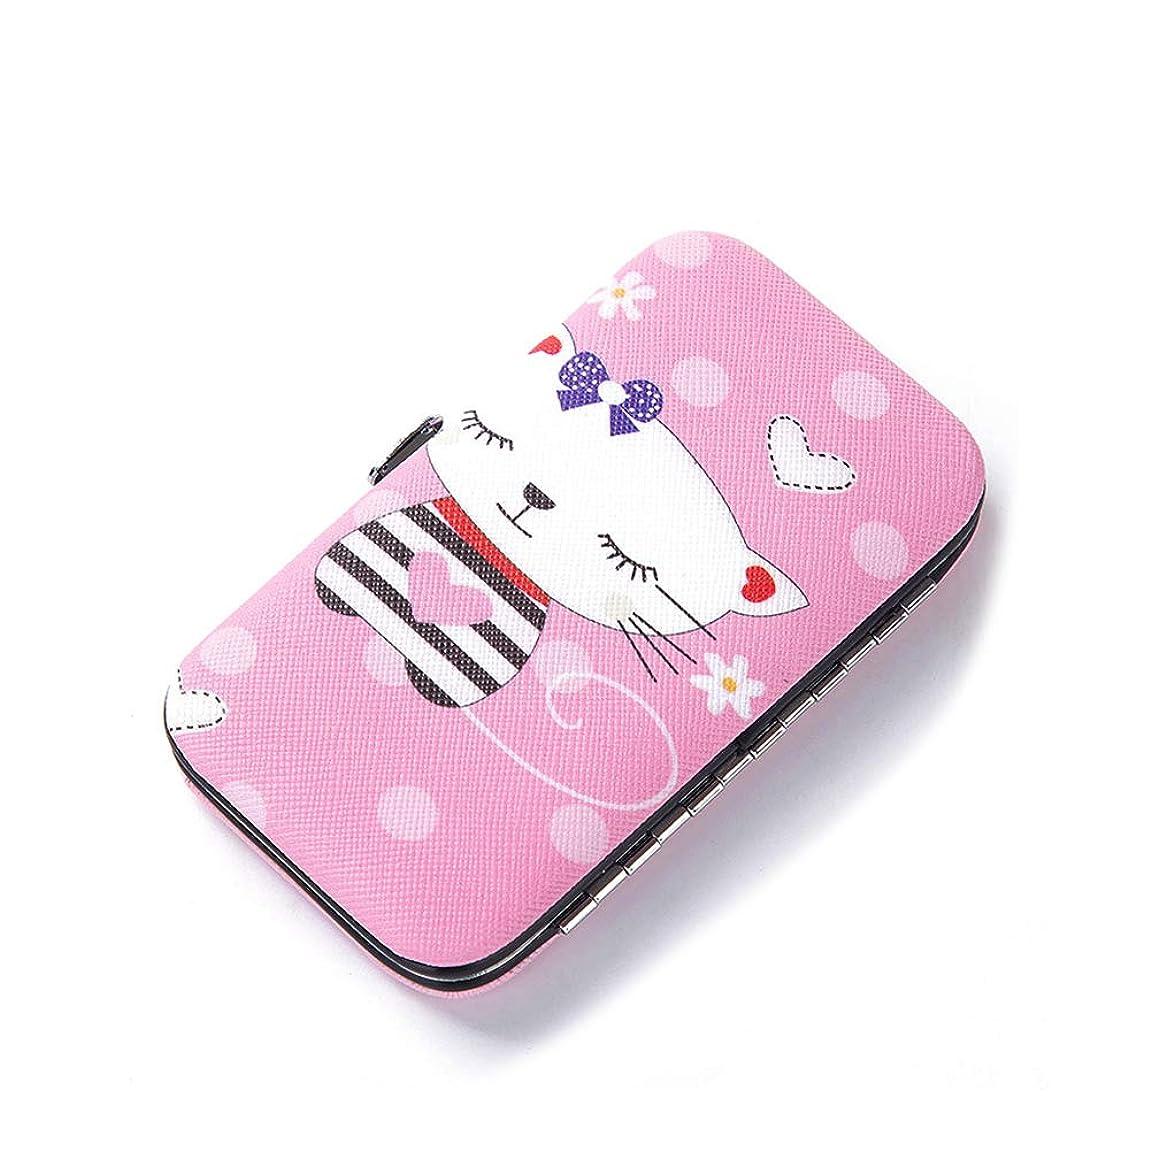 寛容胴体孤児Snner ビューティセット 爪切り 爪磨き 毛抜き ハサミ 耳かき 携帯 持ち運び 旅行 キャラクター (Pink cat)